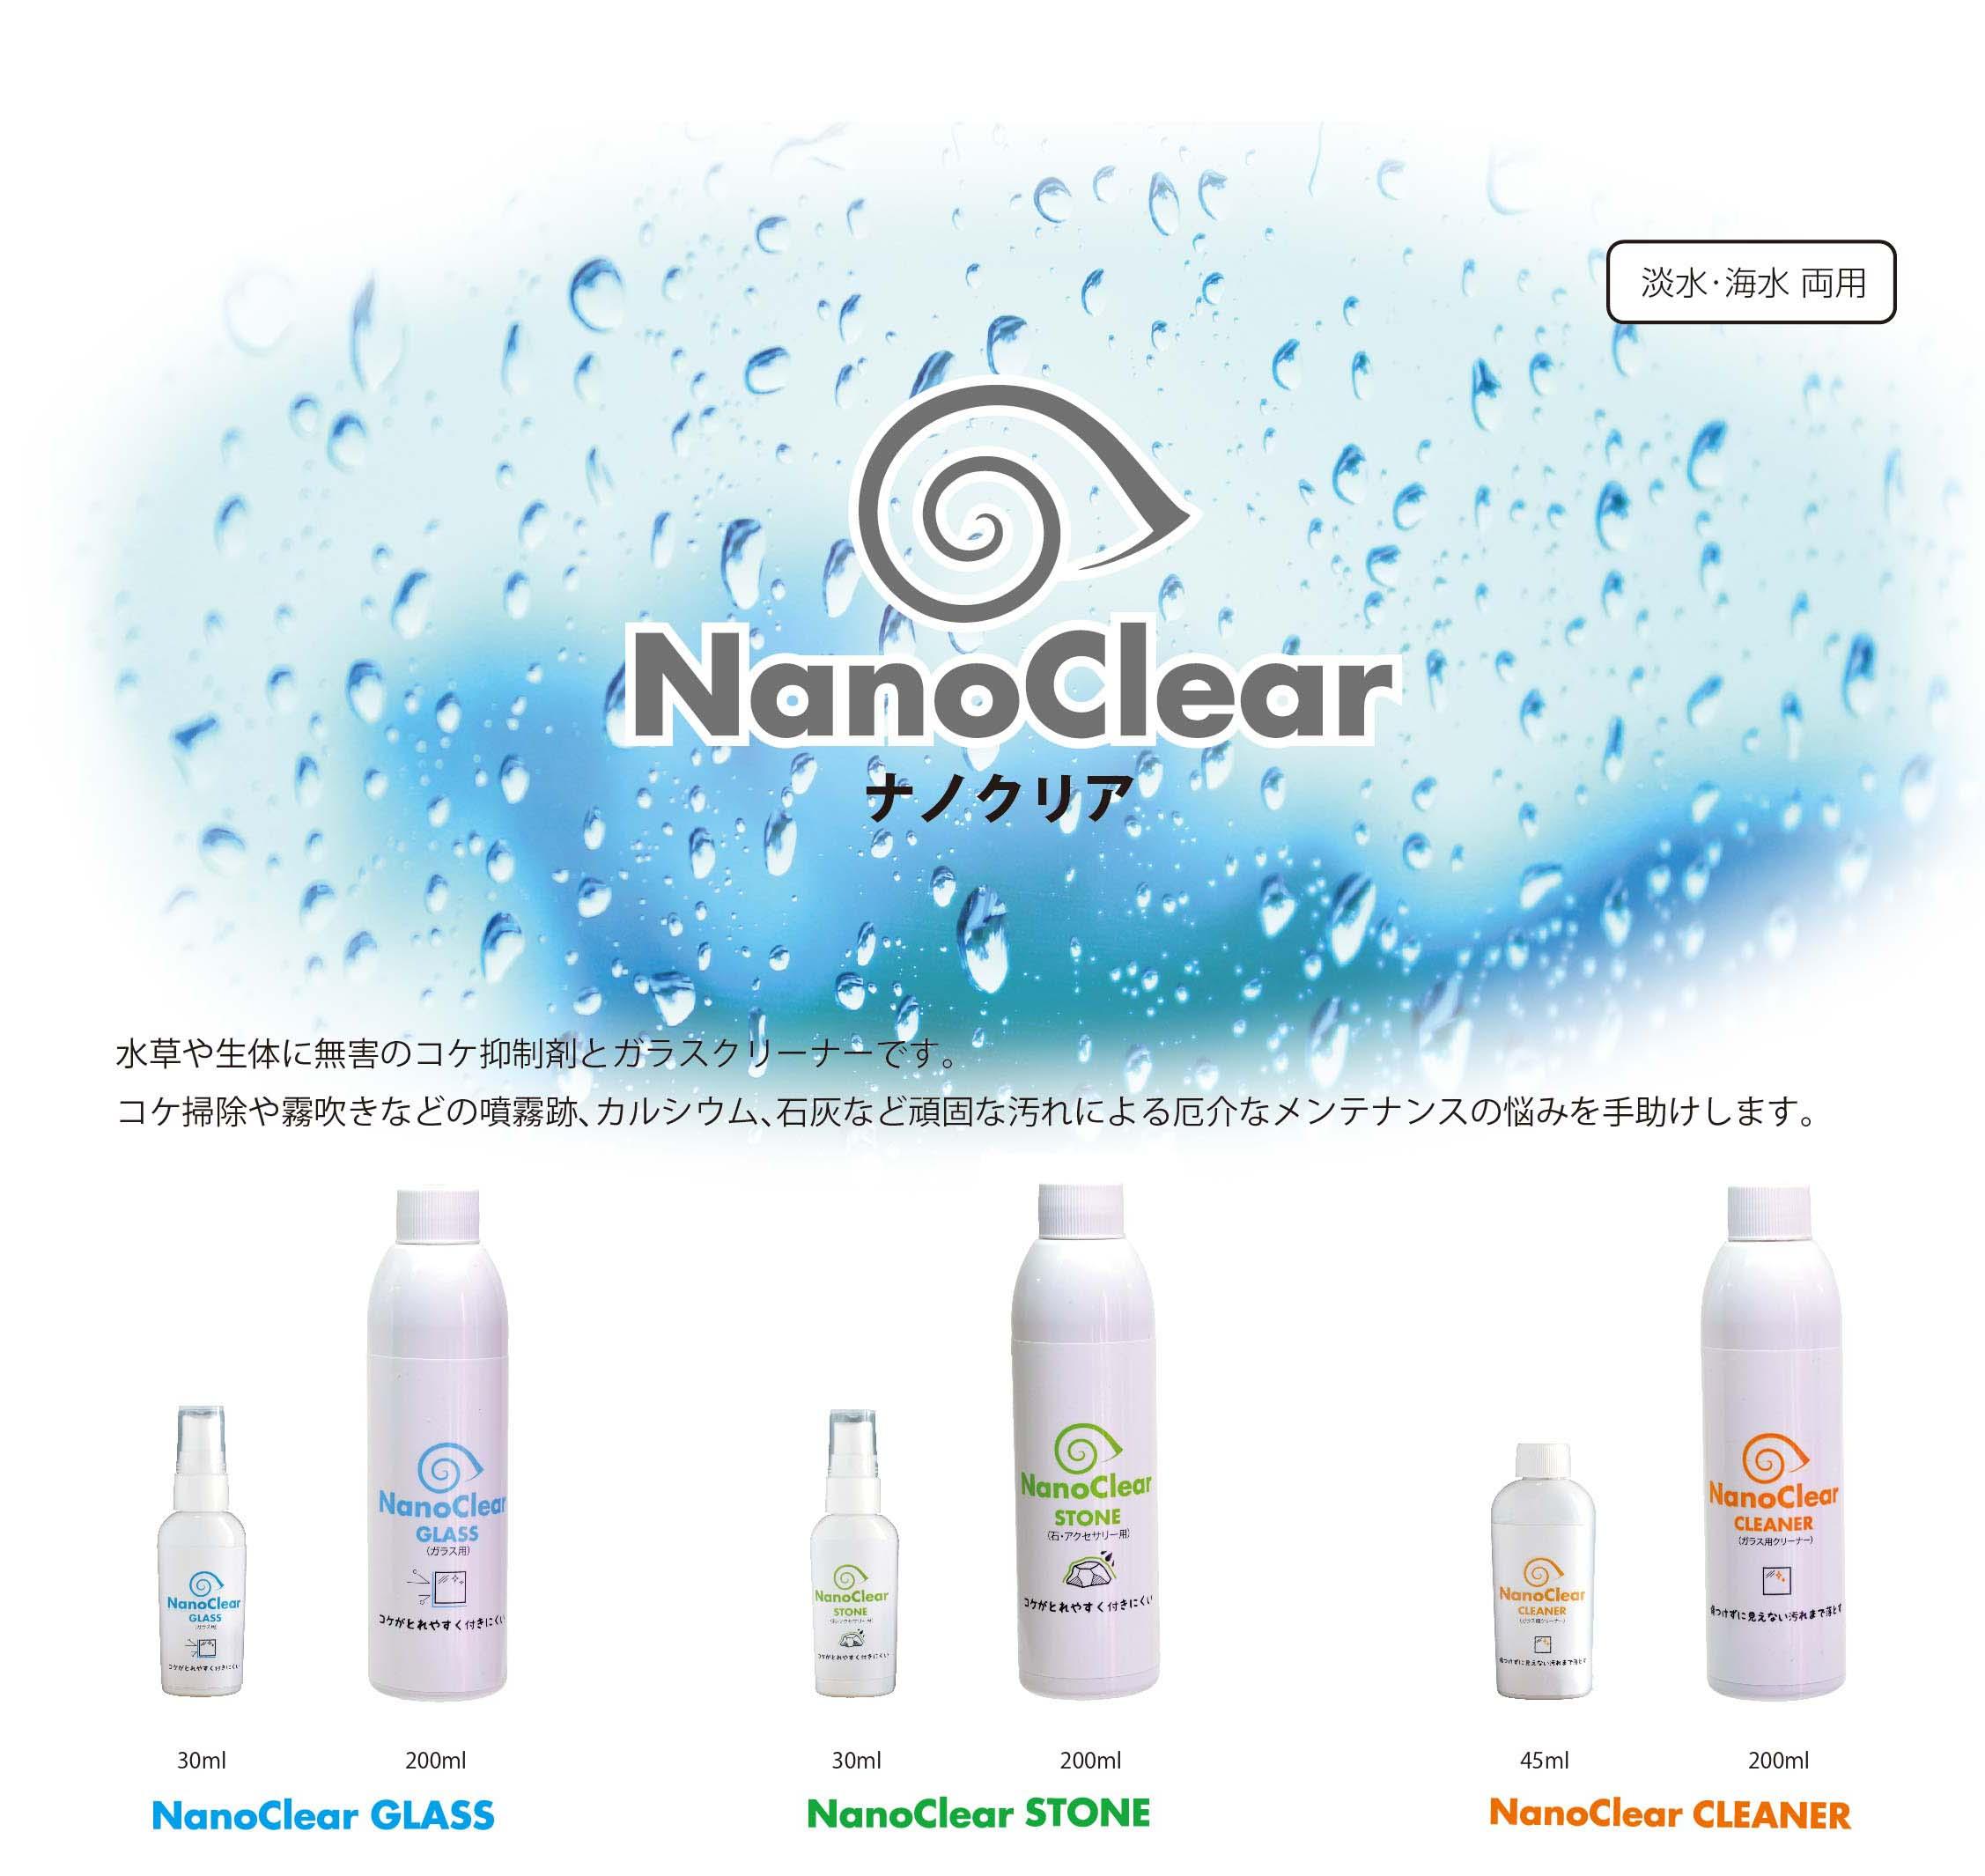 ナノクリア / NanoClear